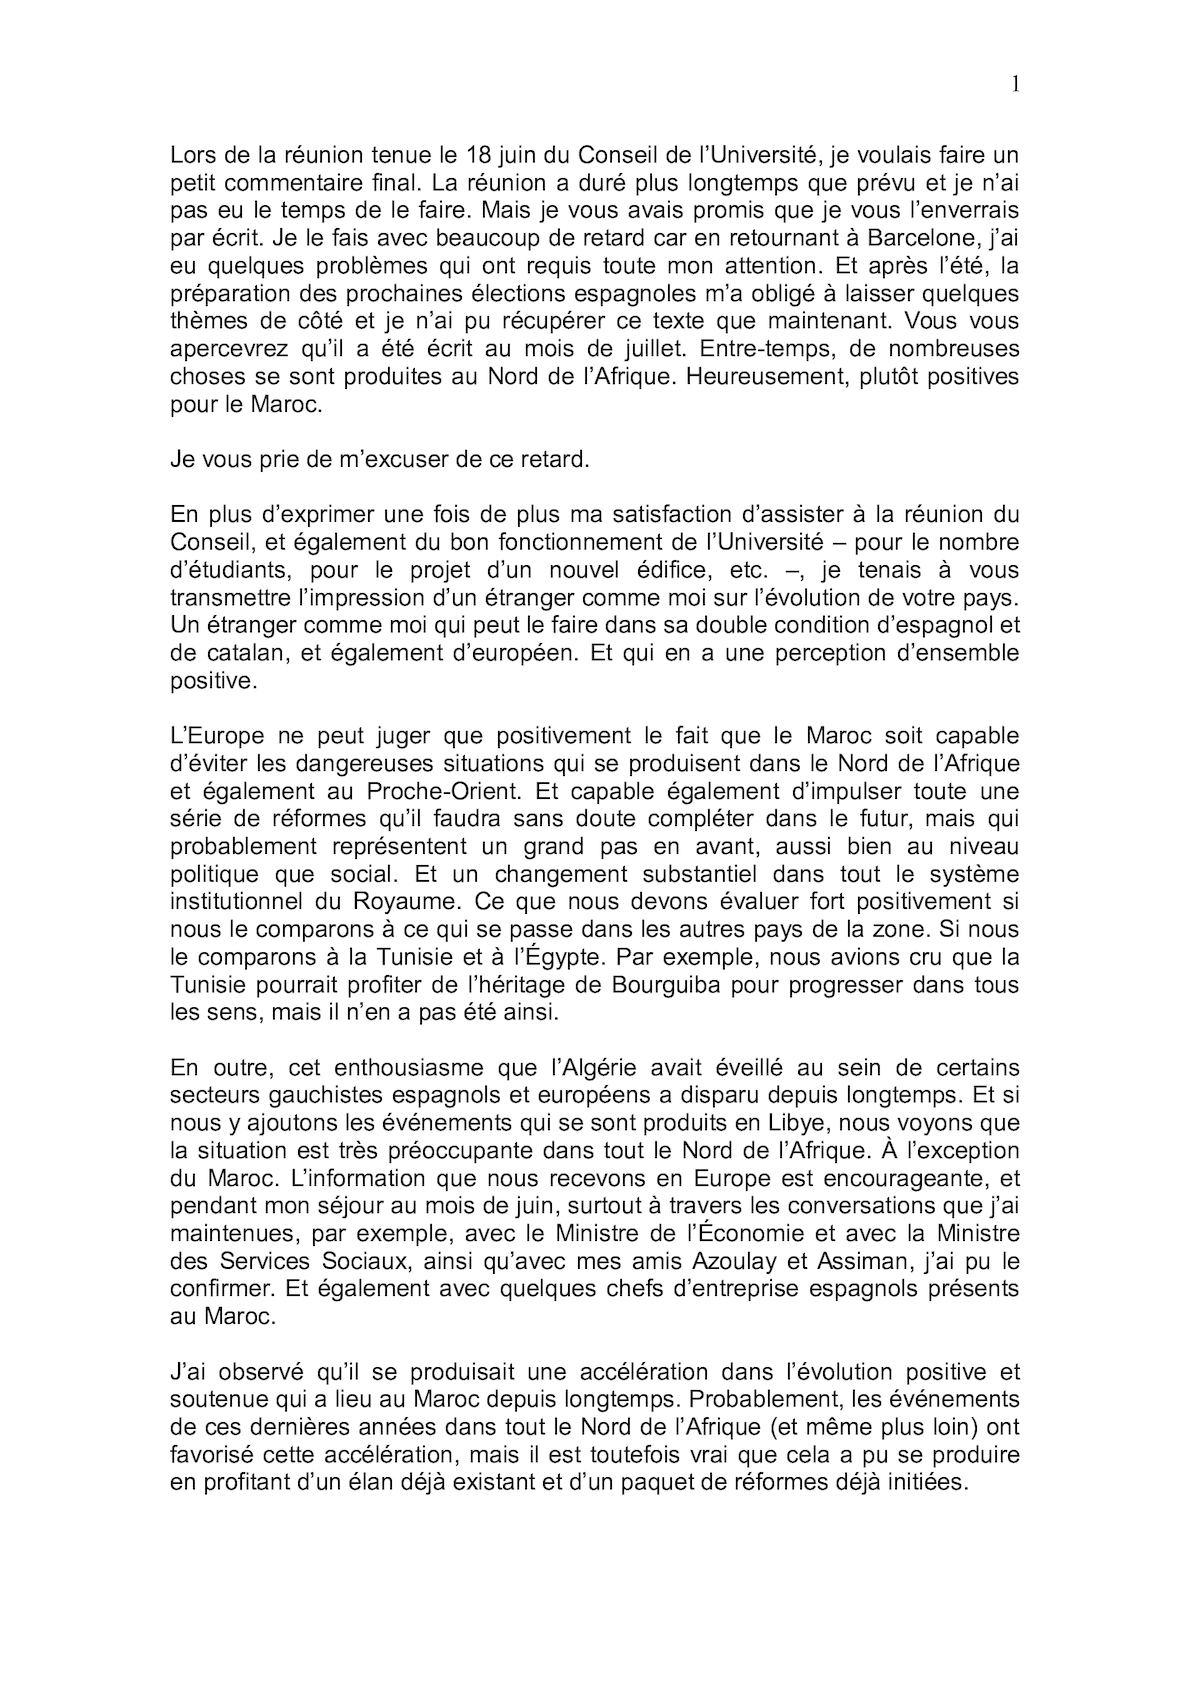 Commentaires Sur Le Maroc September 2011